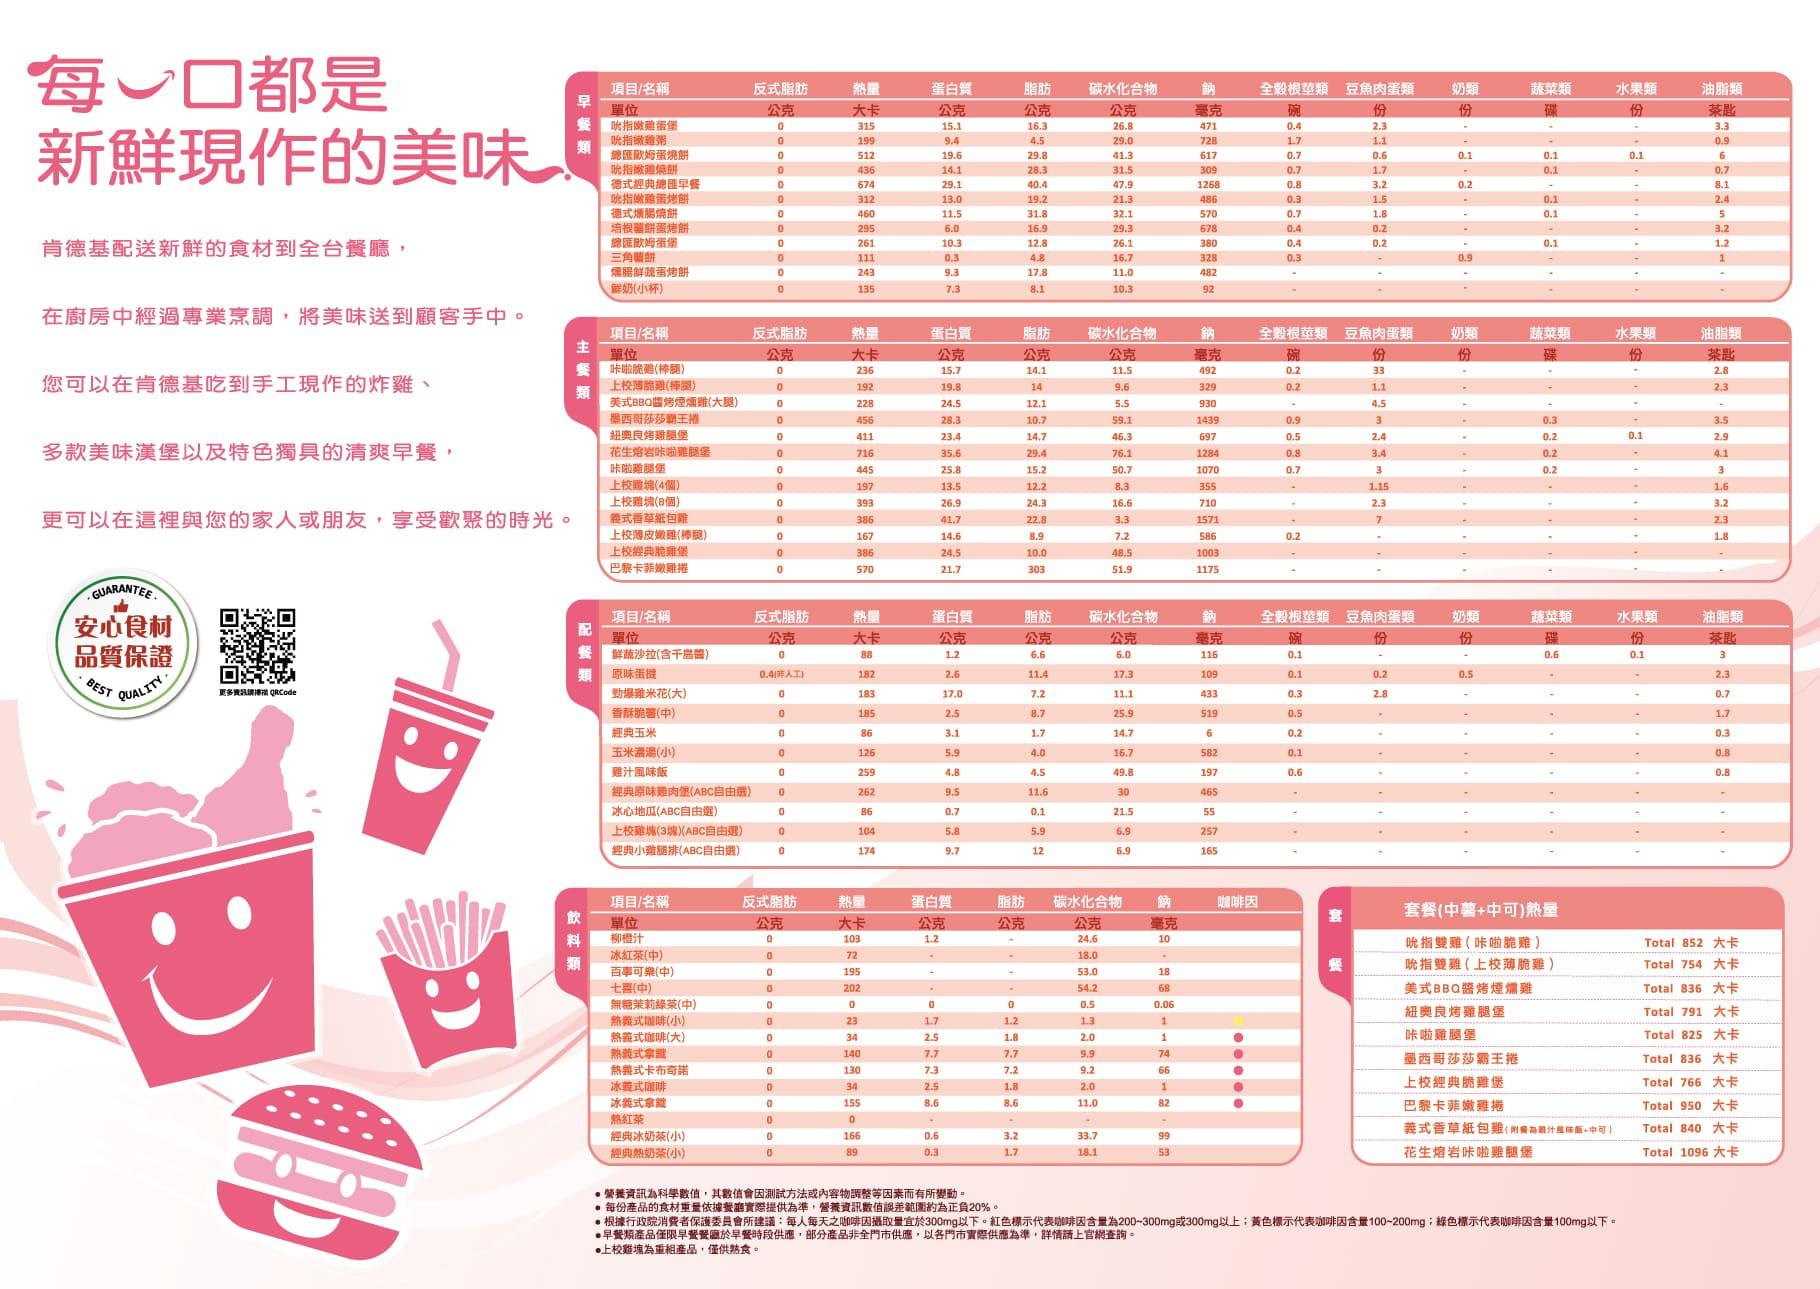 肯德基產品營養資訊